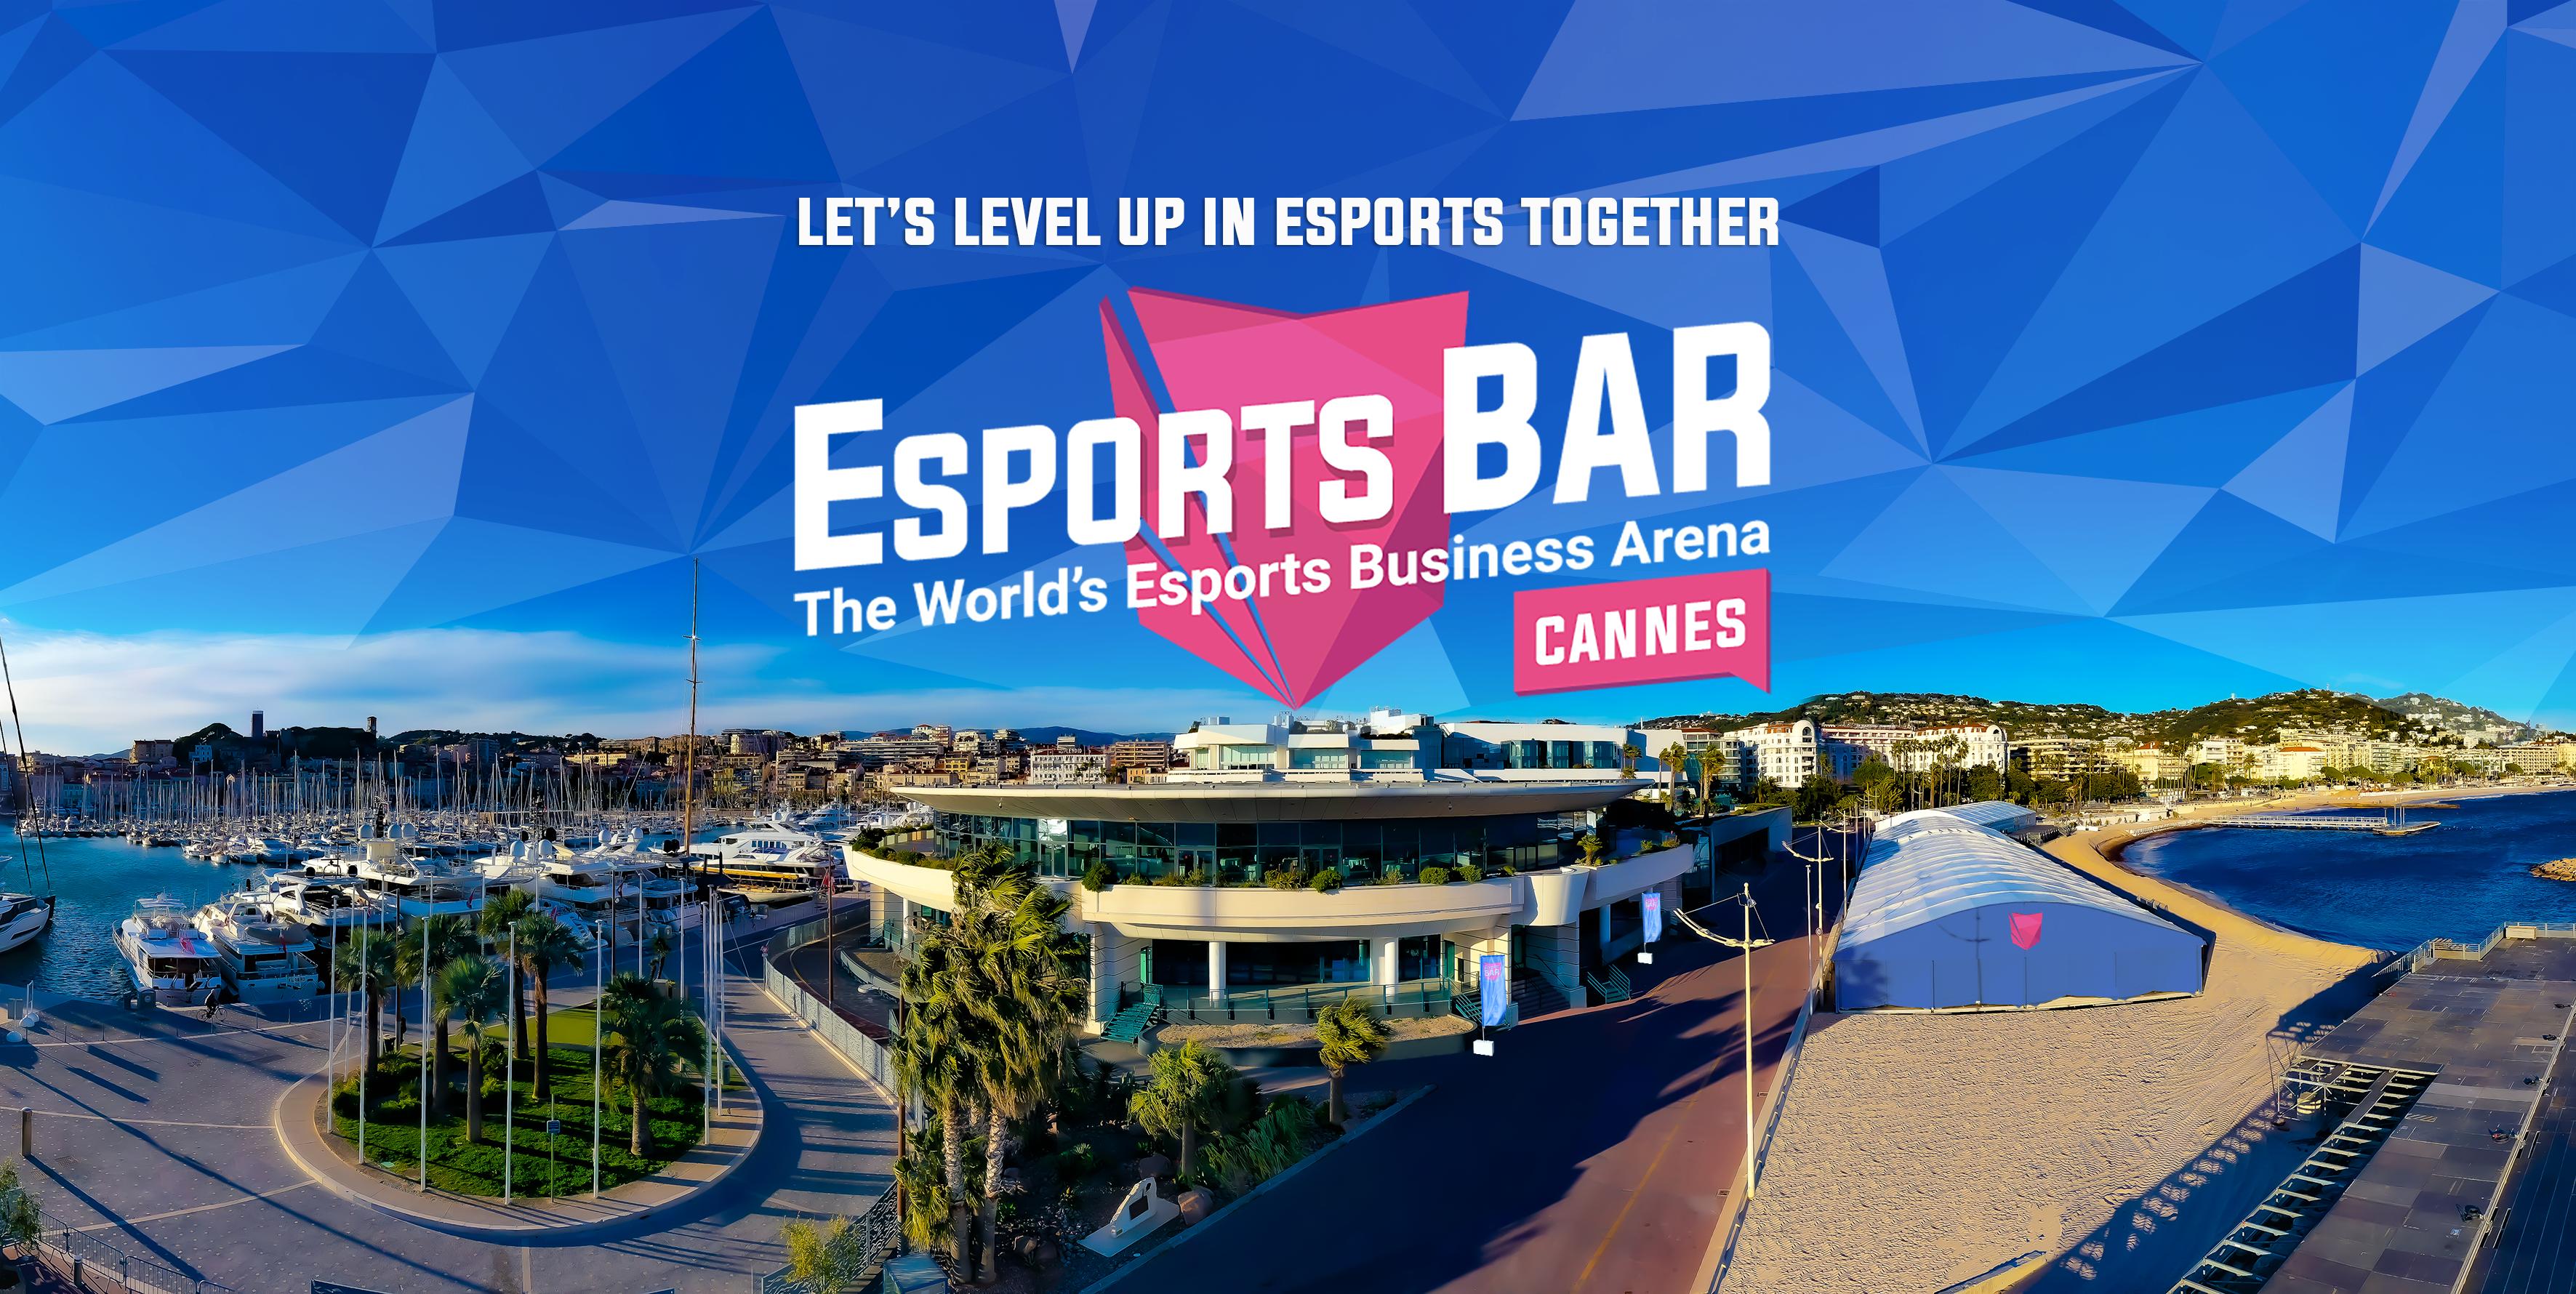 Image Credit: Esports BAR